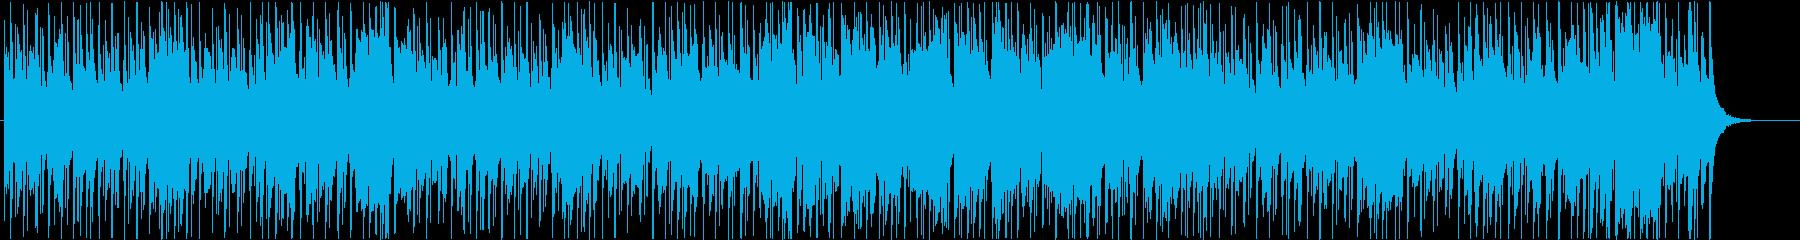 穏やかで楽しい雰囲気のBGMの再生済みの波形